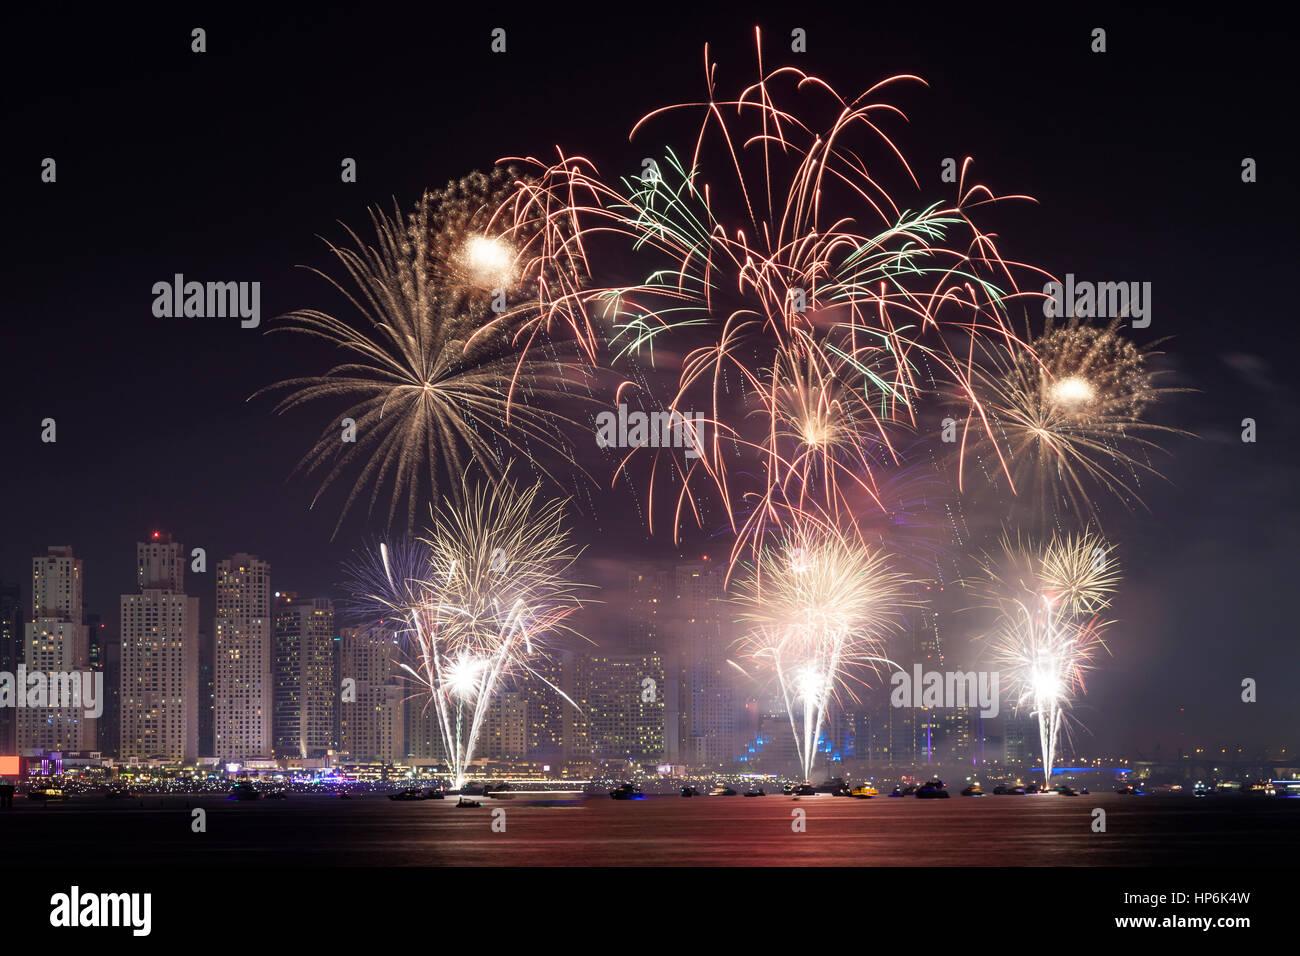 The 45th UAE National Day celebration fireworks in Dubai Marina. United Arab Emirates, Middle East Stock Photo